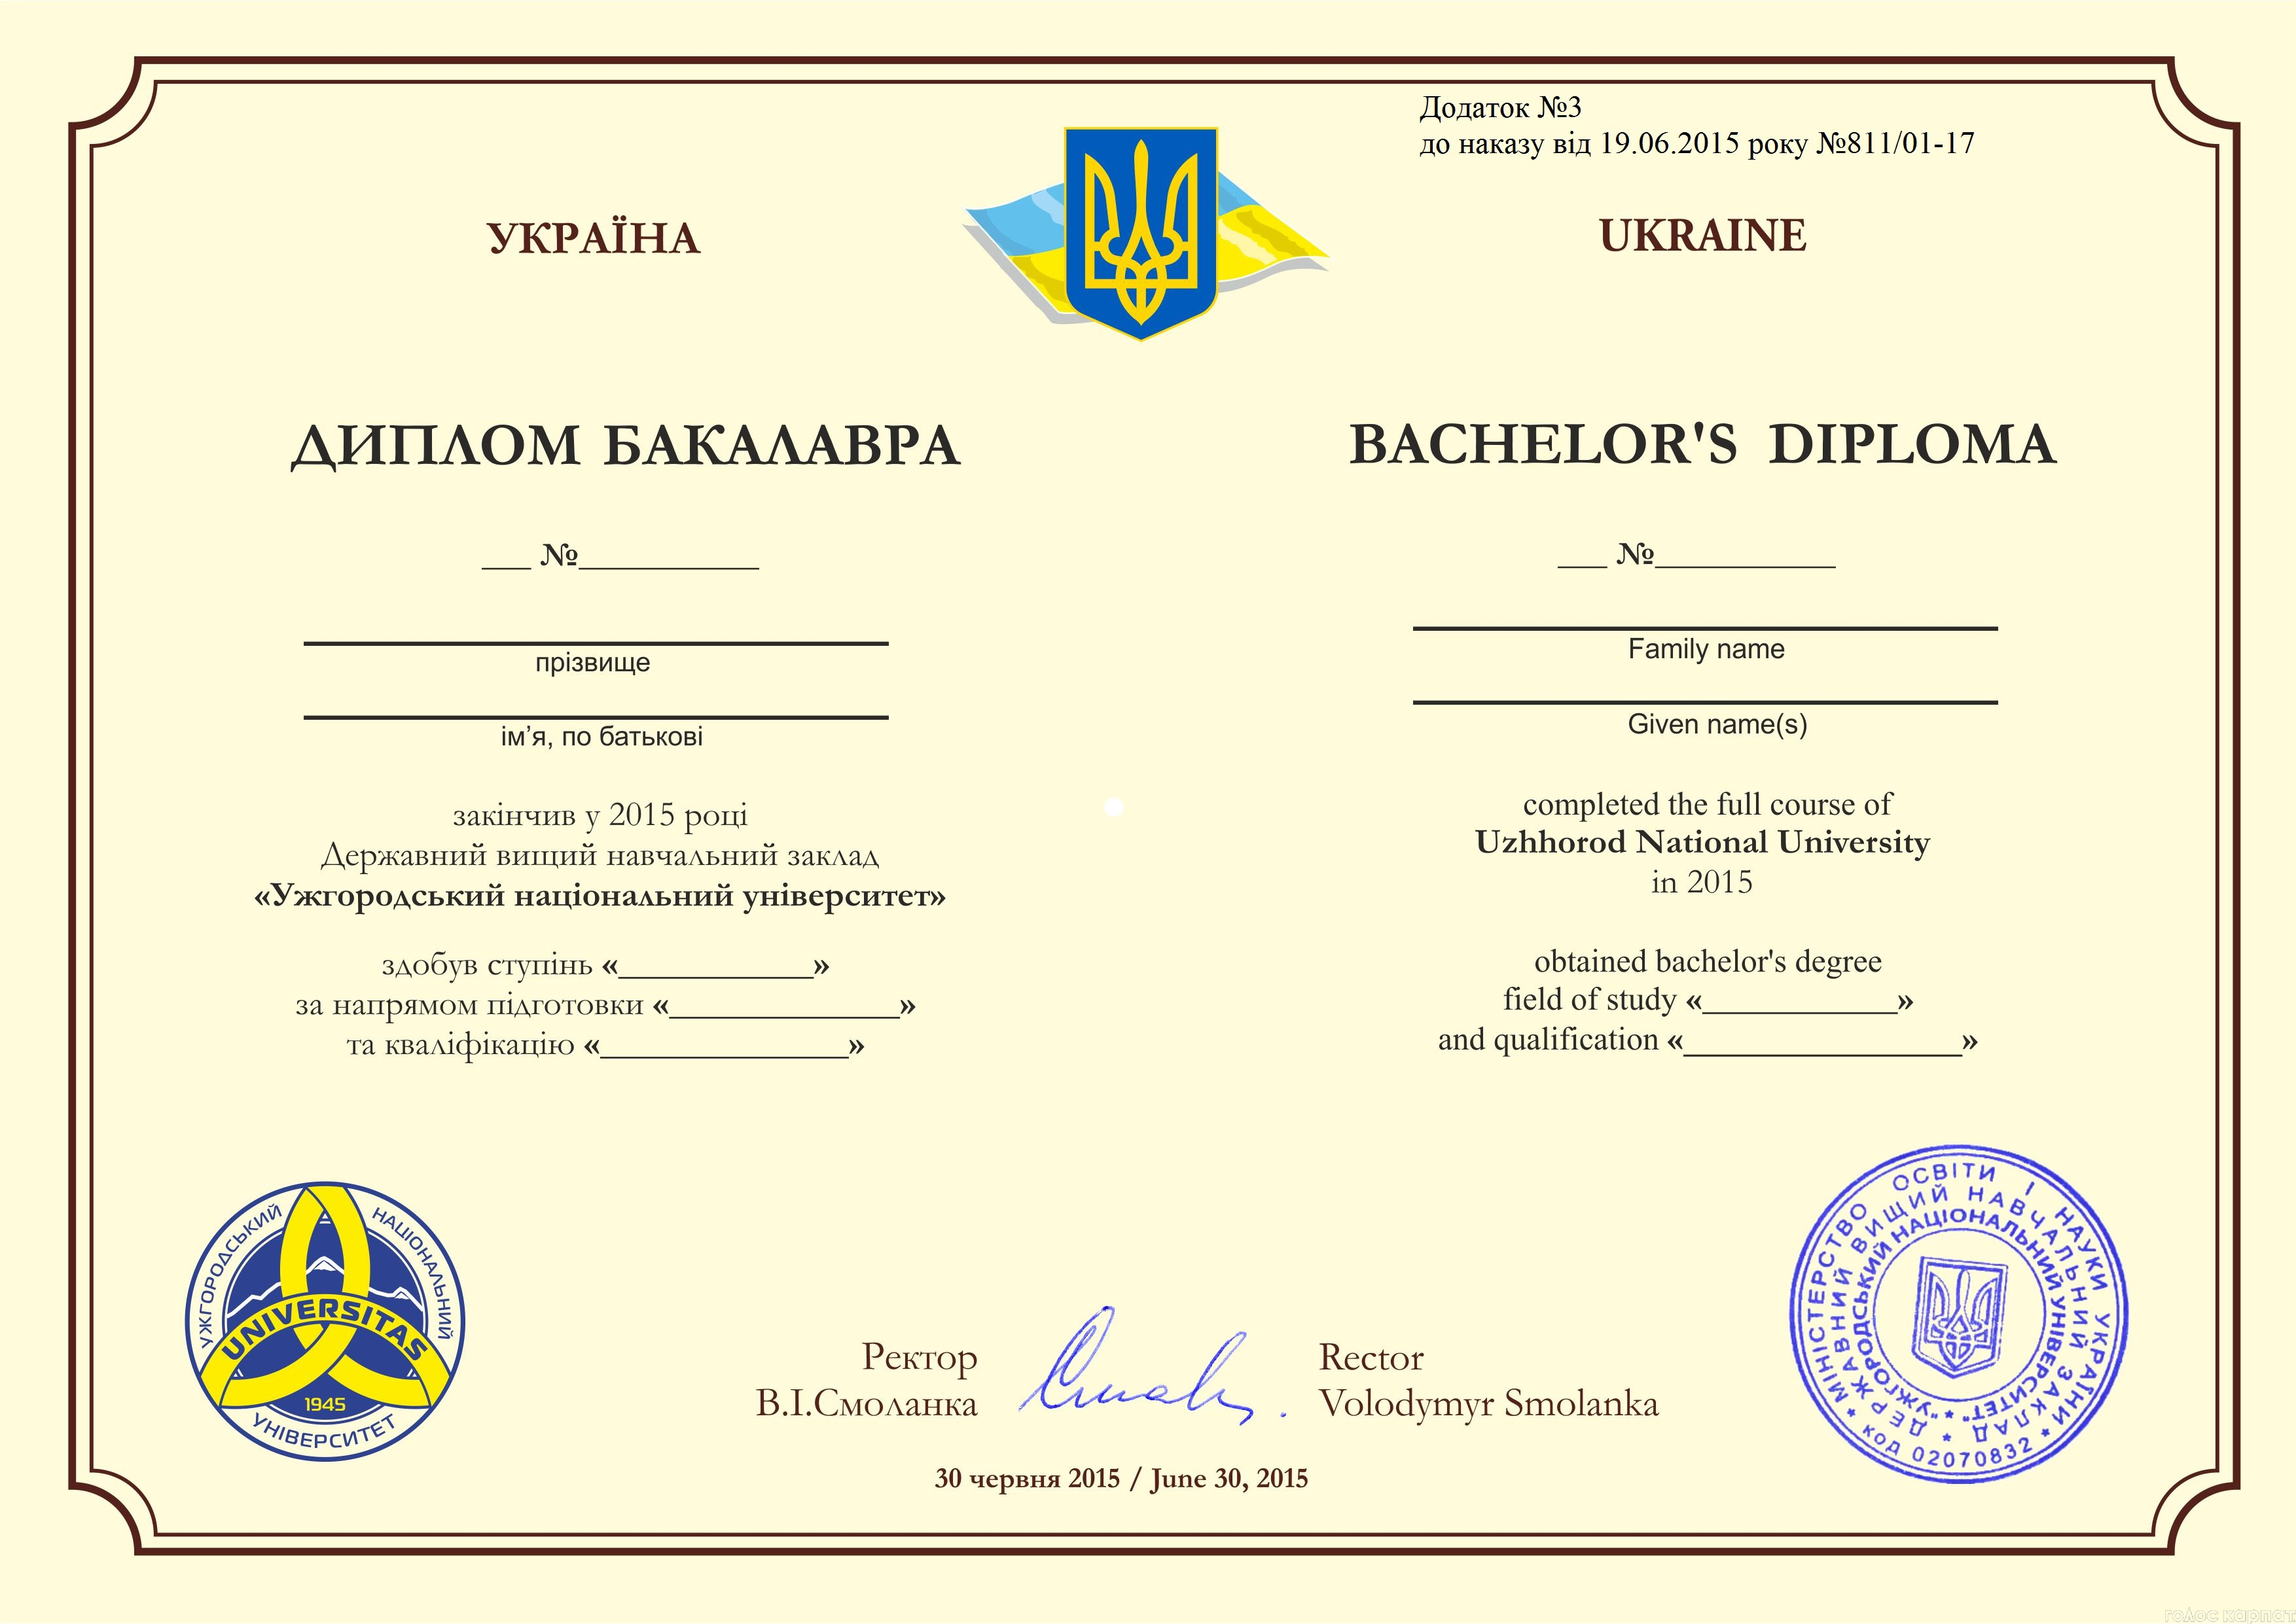 Выпускникам УжНУ вручат дипломы нового образца ФОТО Голос Карпат Согласно новому Закону Украины О высшем образовании выпускники украинских вузов уже не получат стандартный пластиковый диплом